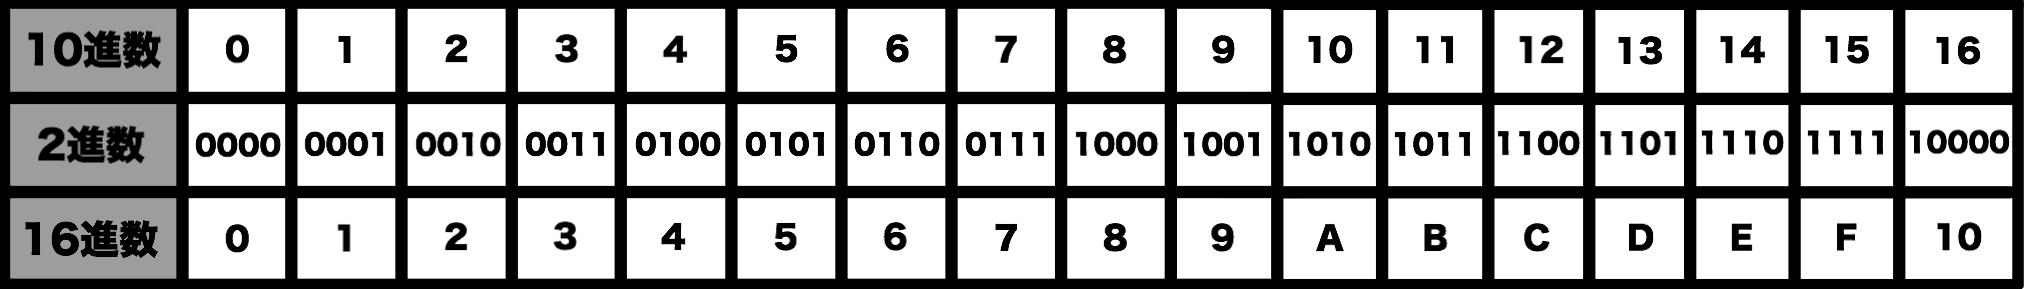 2進数、10進数、16進数_対応表